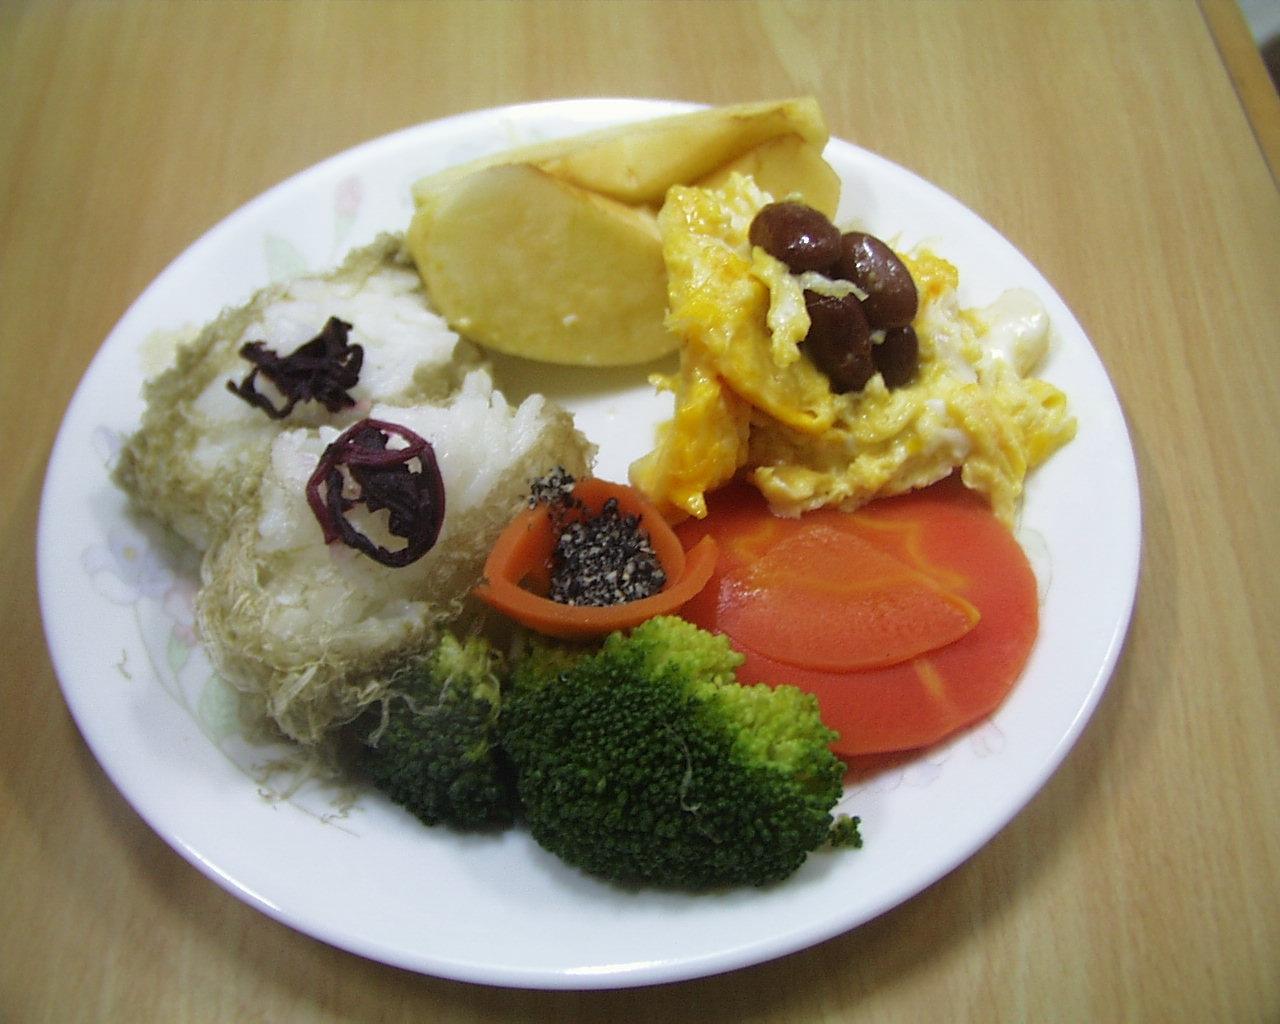 とろろおにぎりと、たまご金時豆、野菜の盛り合わせ